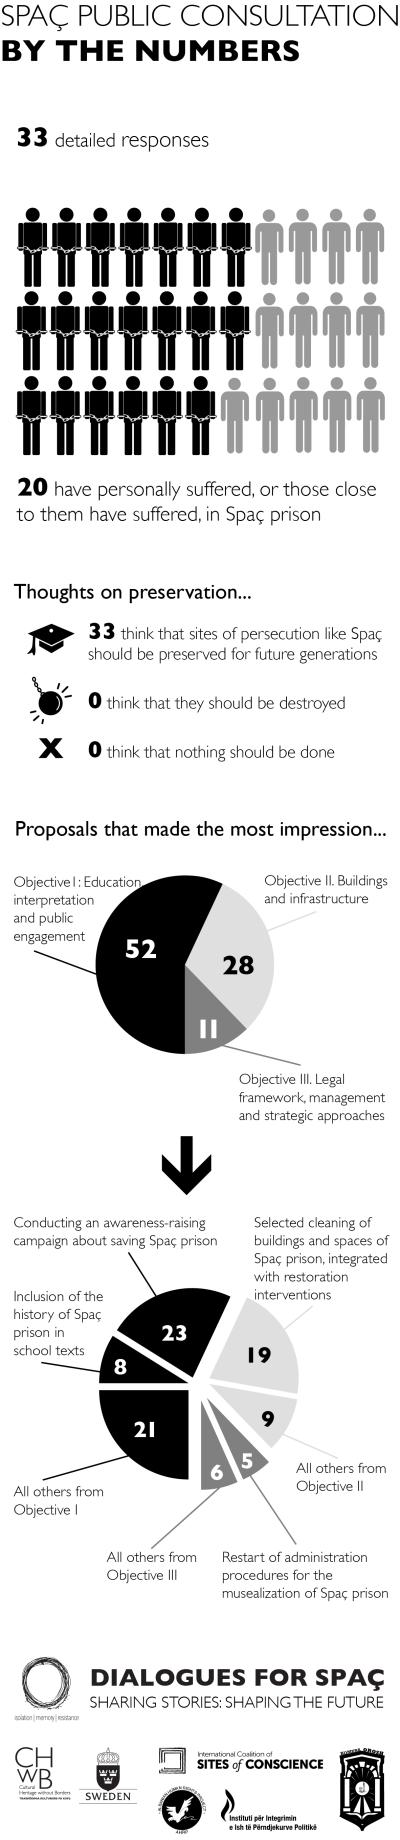 Spaç public consultation infographic_eng